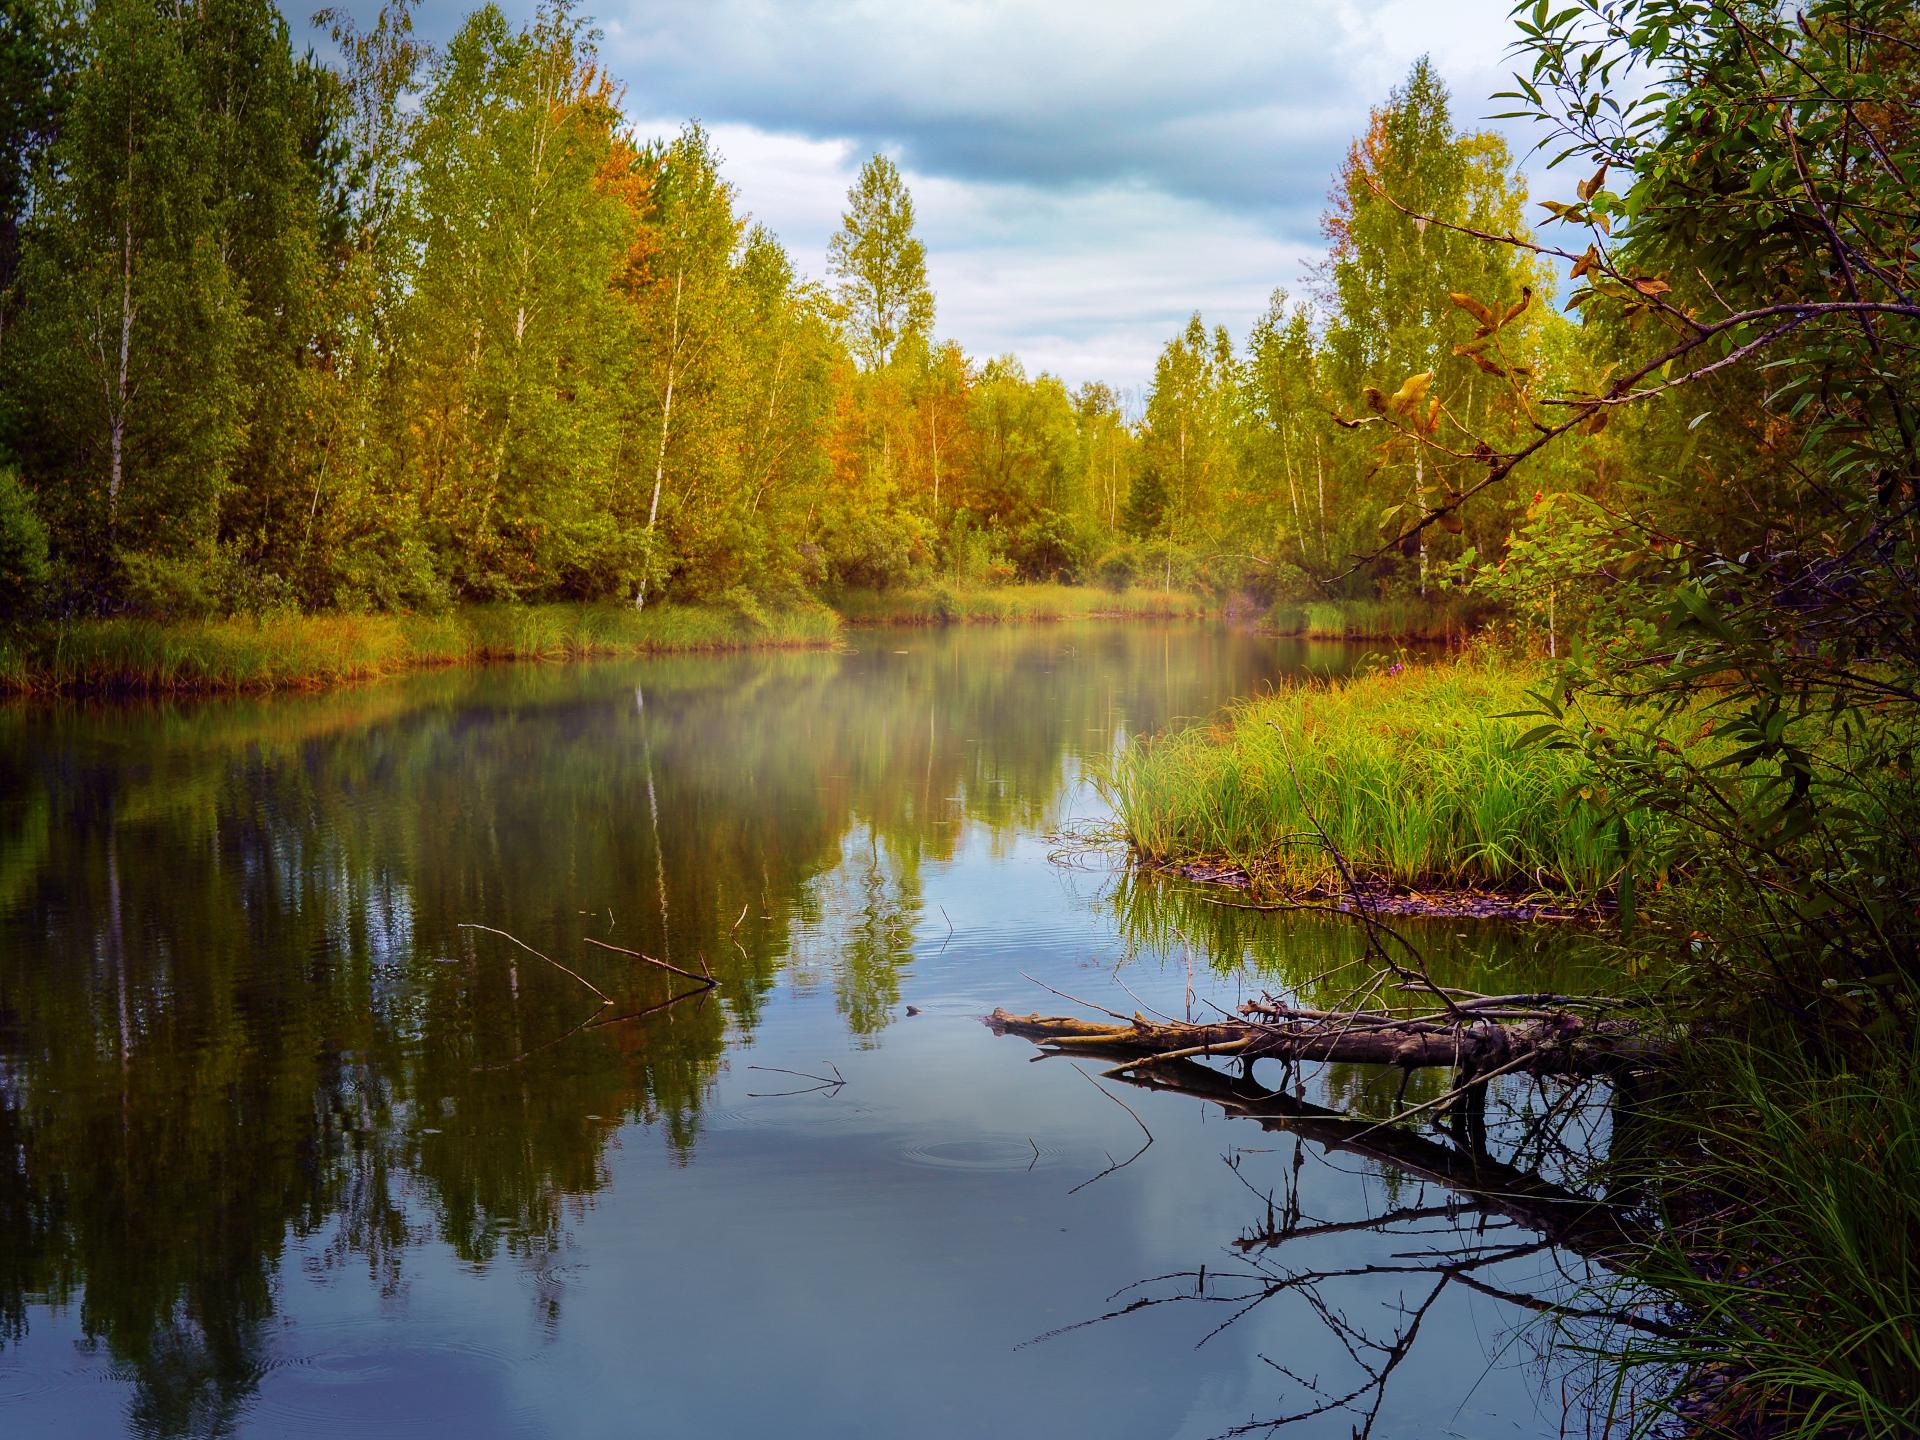 Das Ufer eines Sees oder auch Flusses bietet ein ganz spezielles Ökosytem, in dem sehr viele Pflanzen und Tiere Nahrung und Lebensraum finden. - Photocredit: pixabay.com/Larisa-K